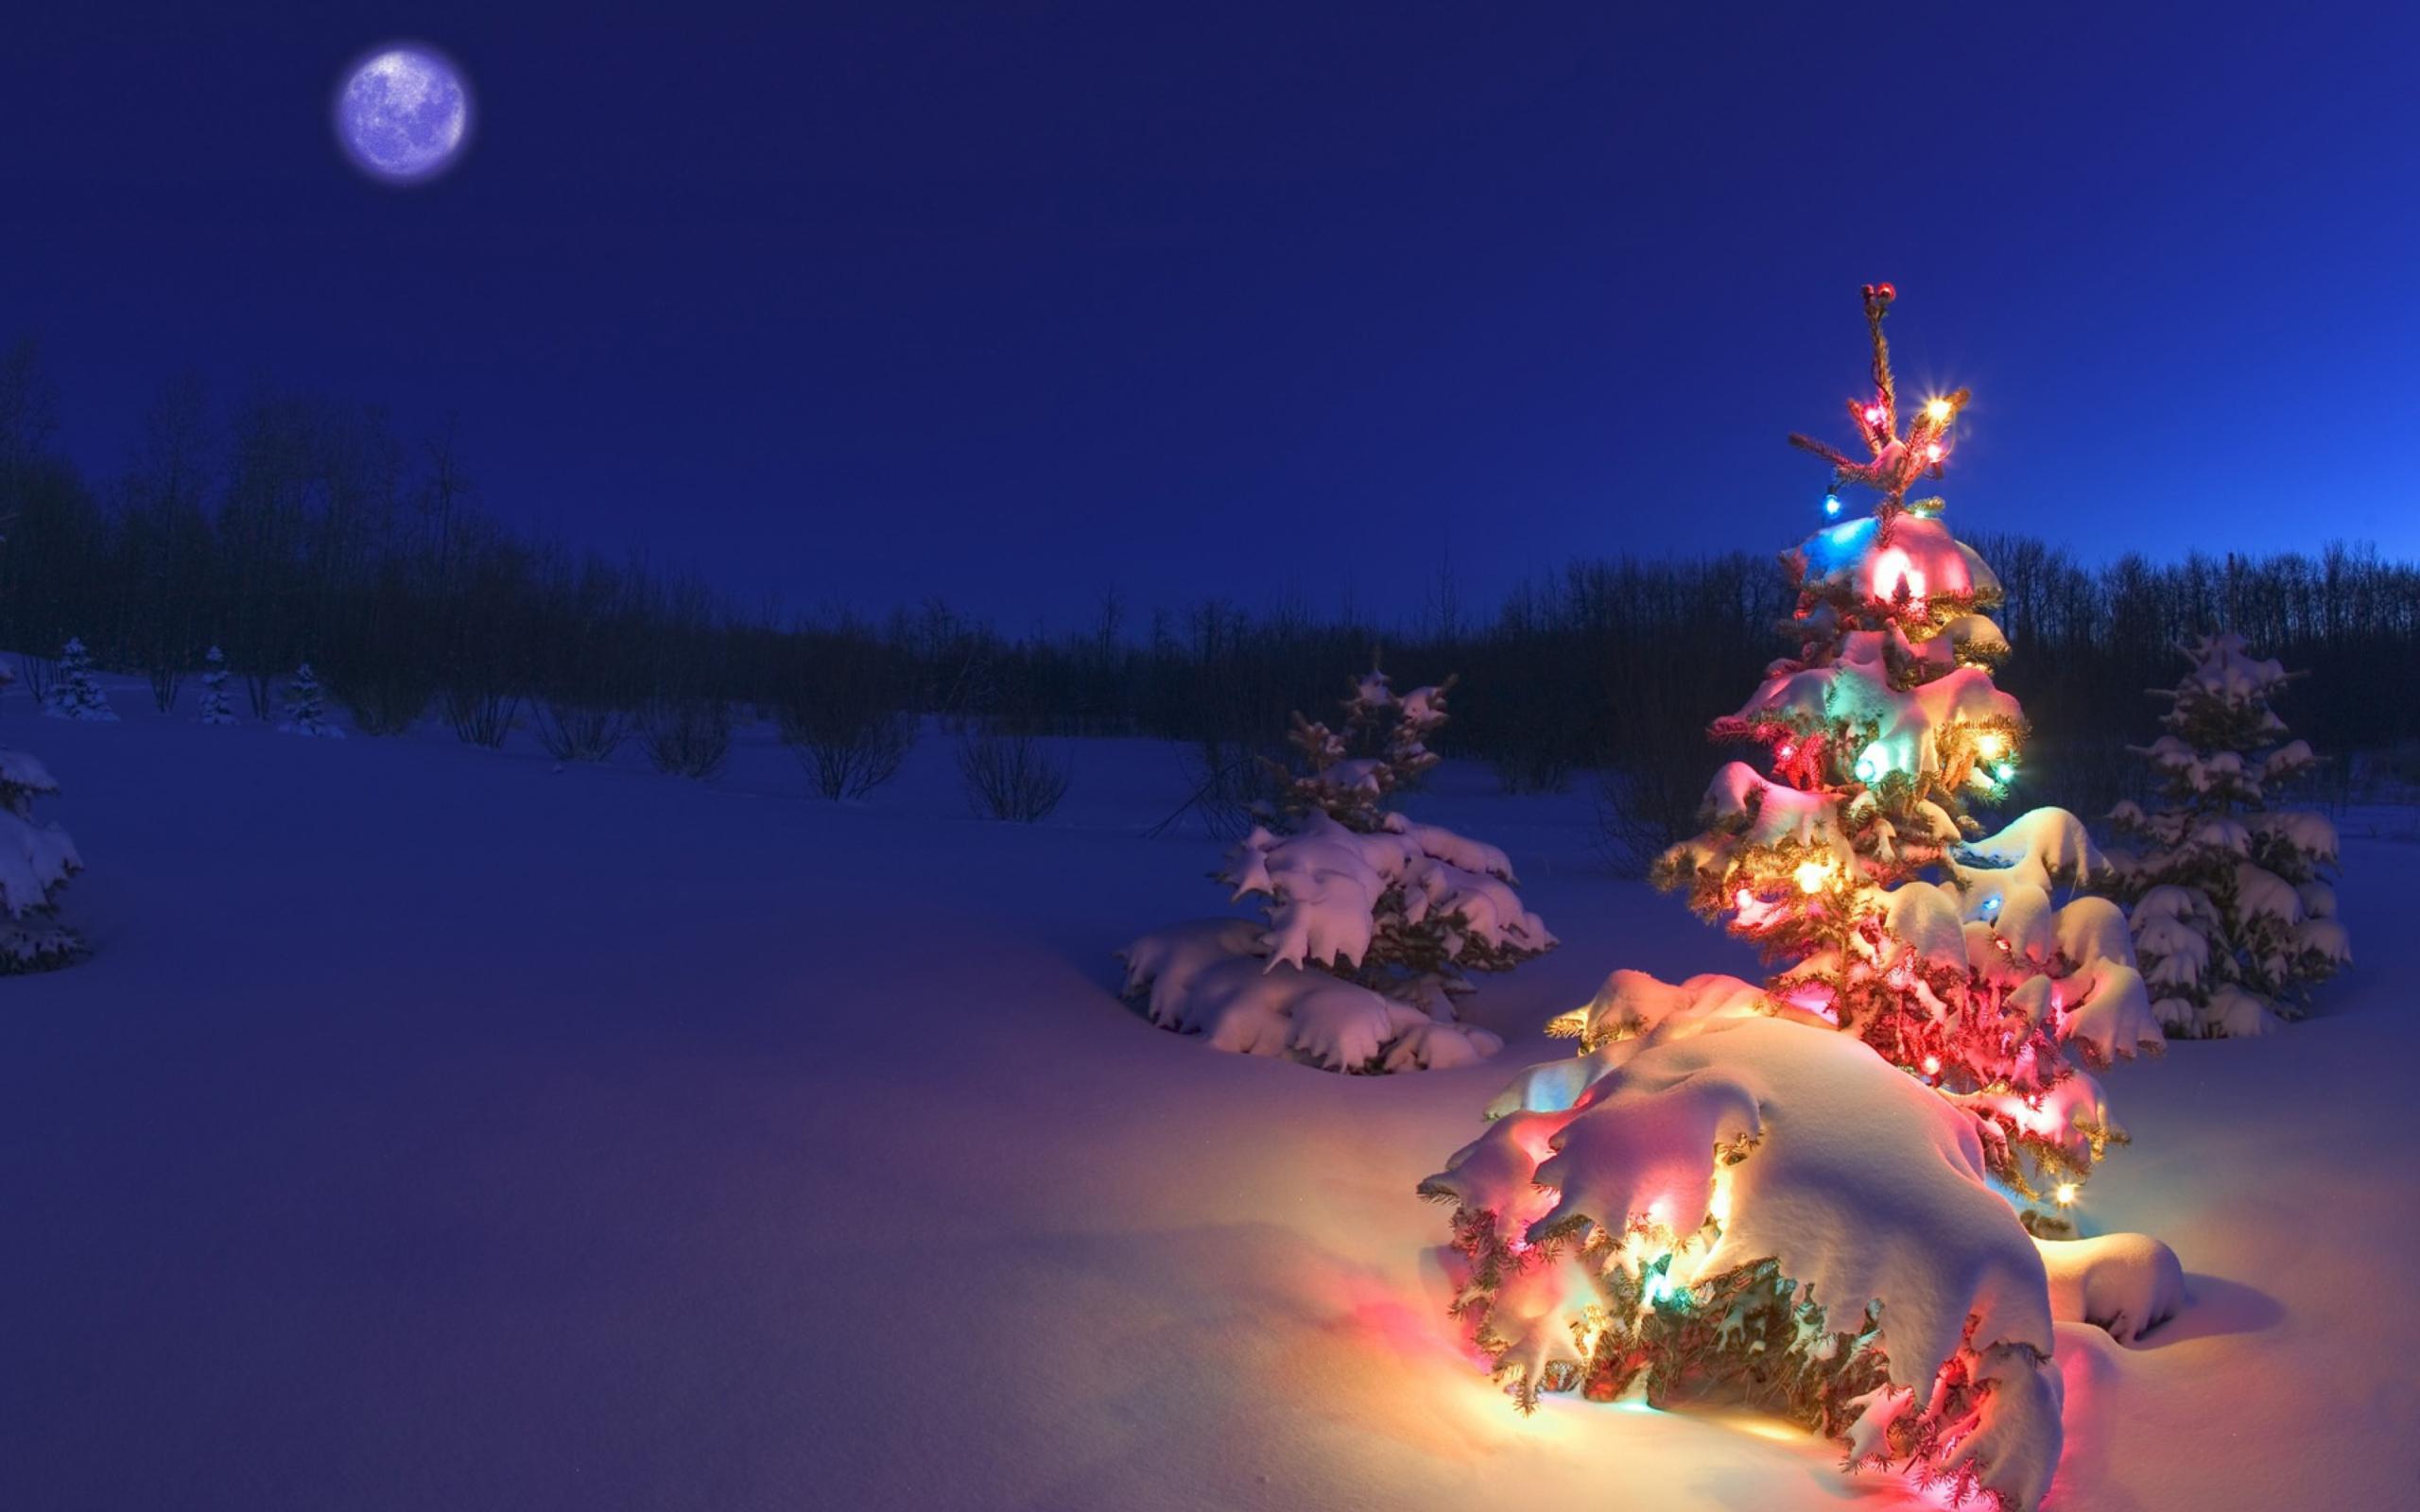 Три новогодние ели  № 1417122 без смс